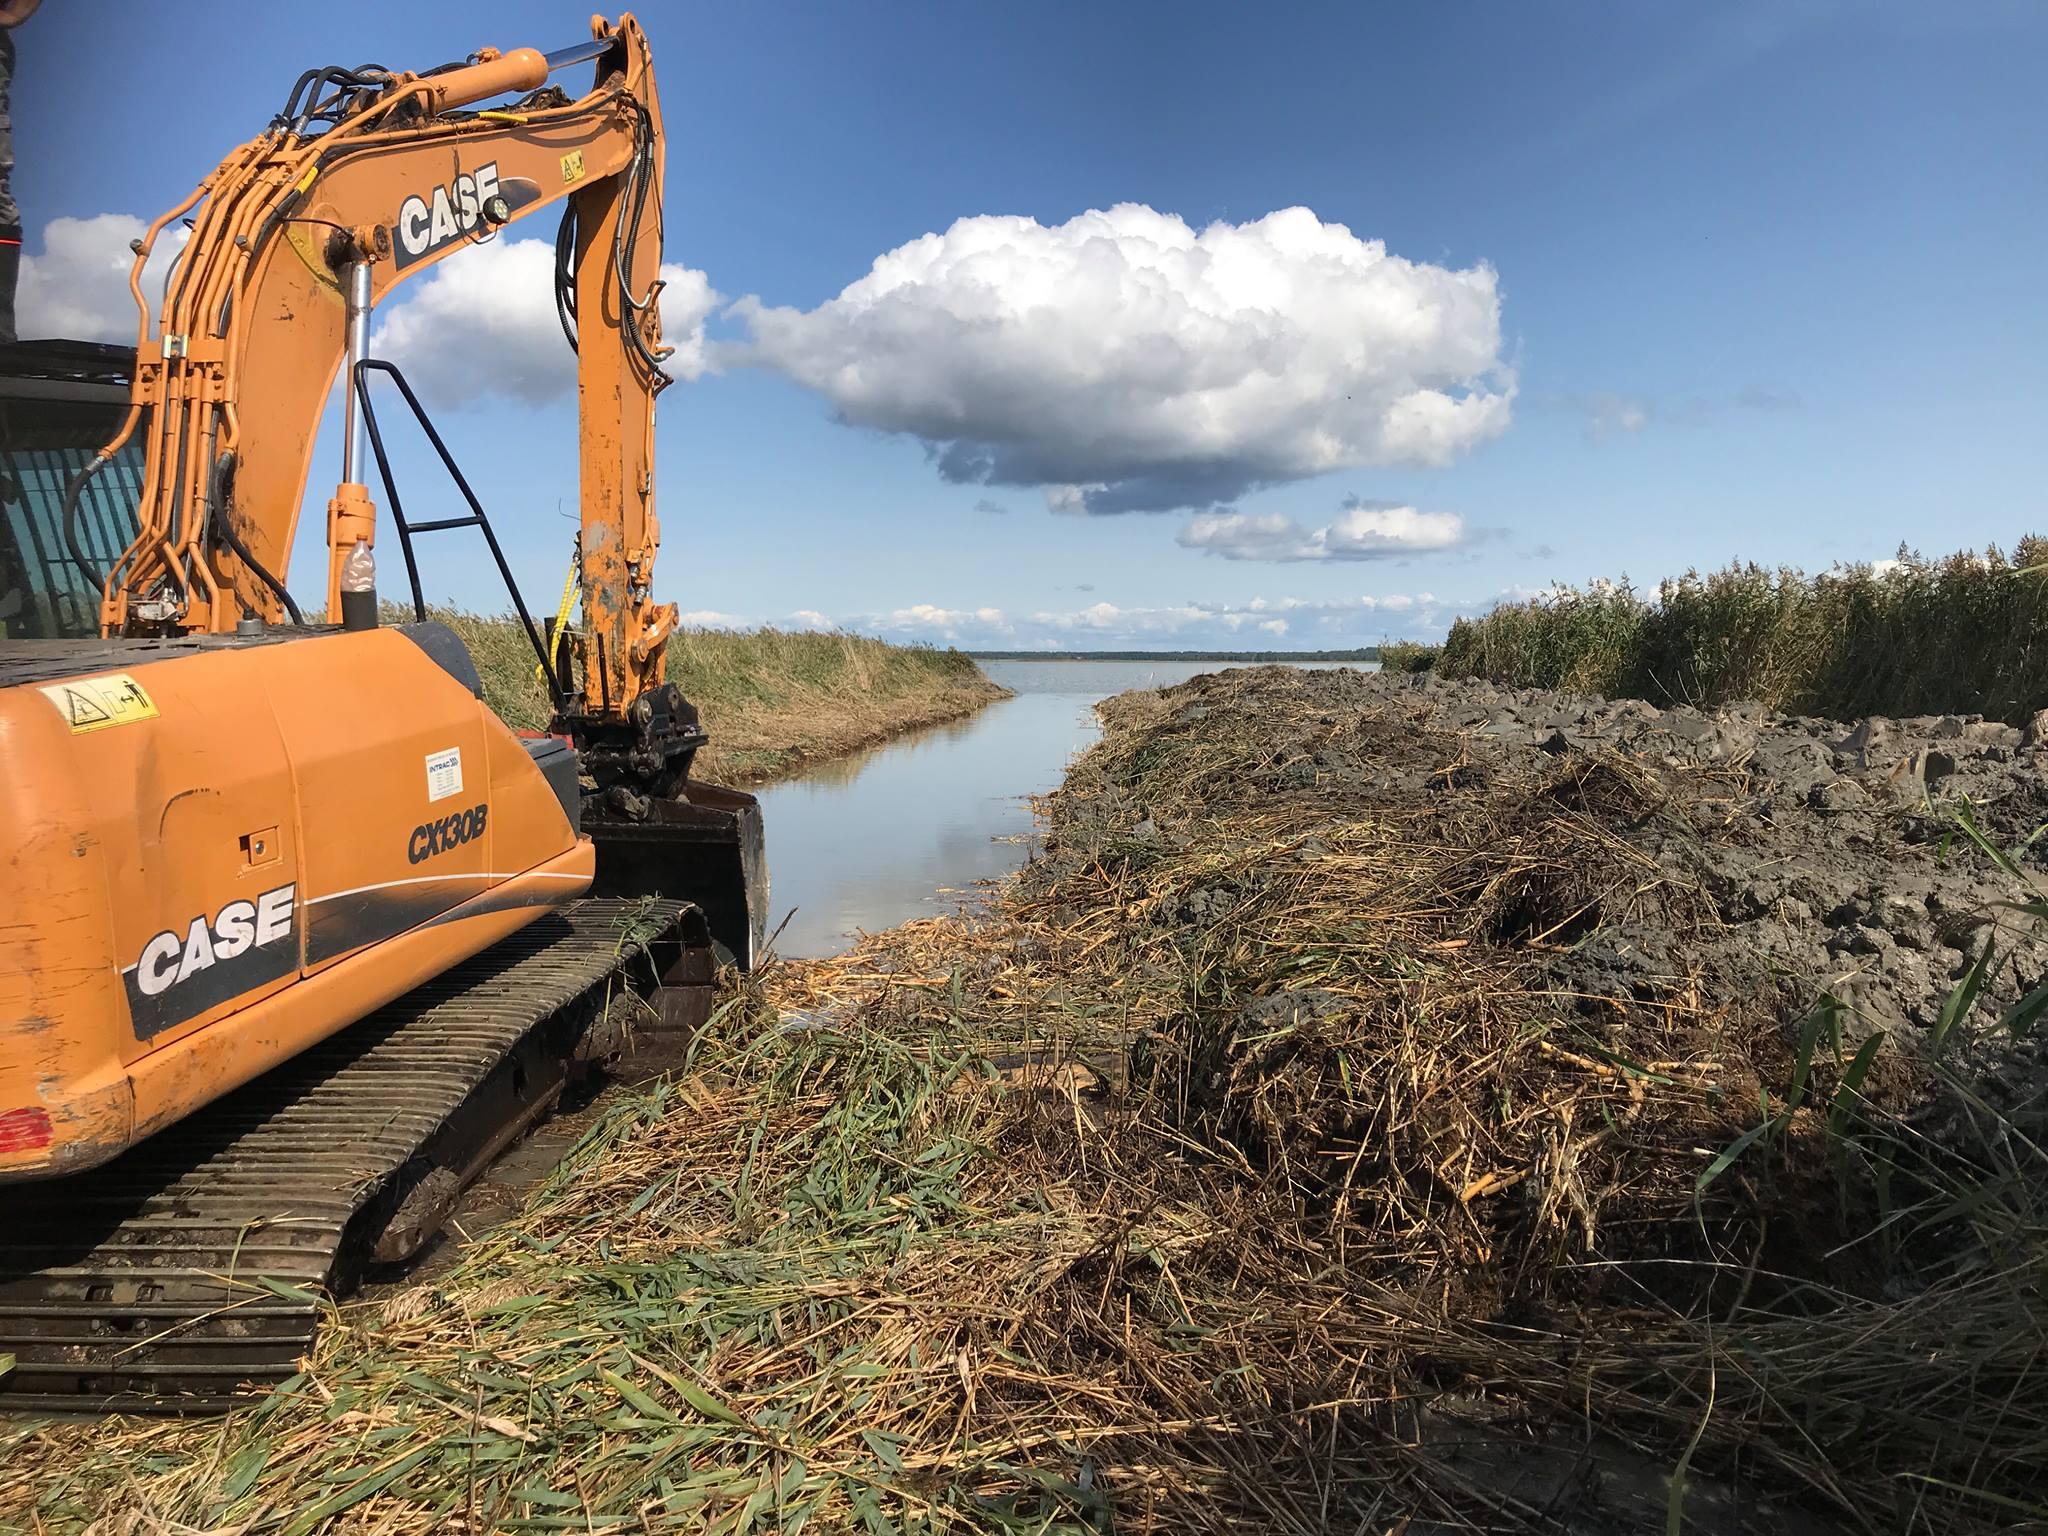 VIDEO! Heategevuslik projekt Väikese väina tammi veevoolu taastamiseks on täies hoos